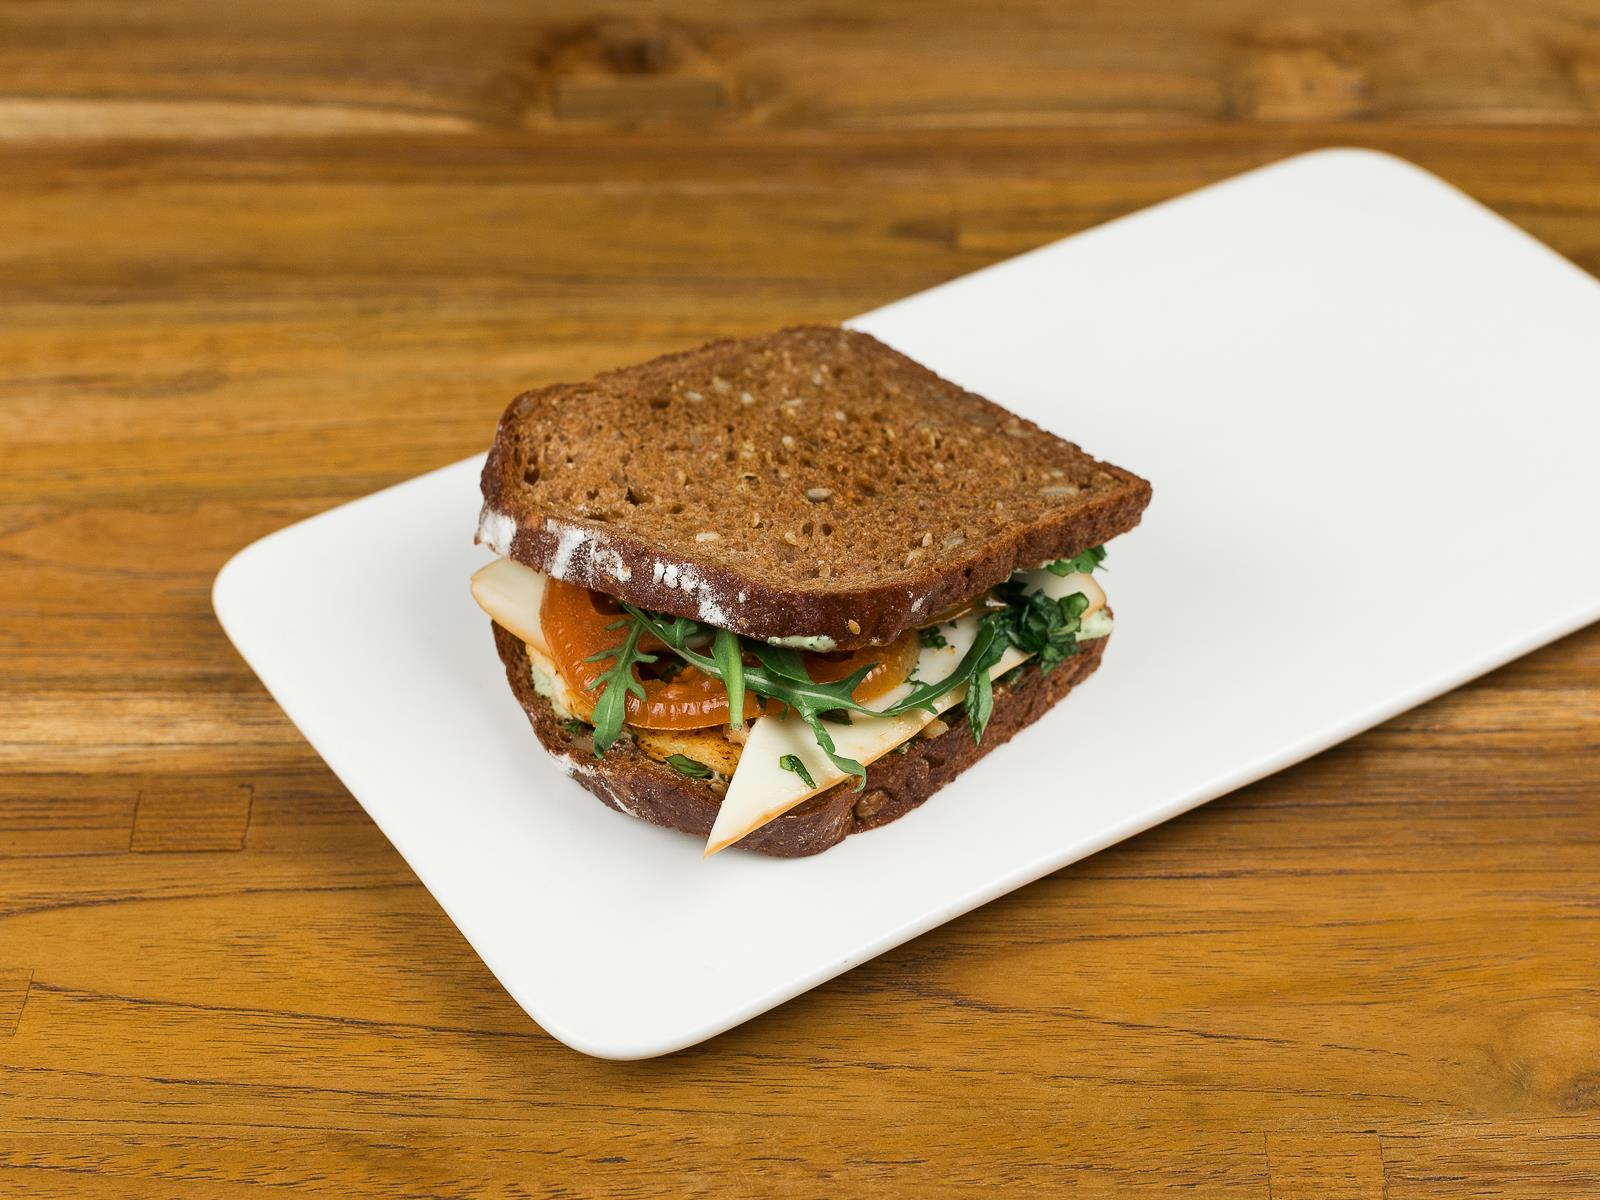 Сэндвич с курицей на медовом хлебе